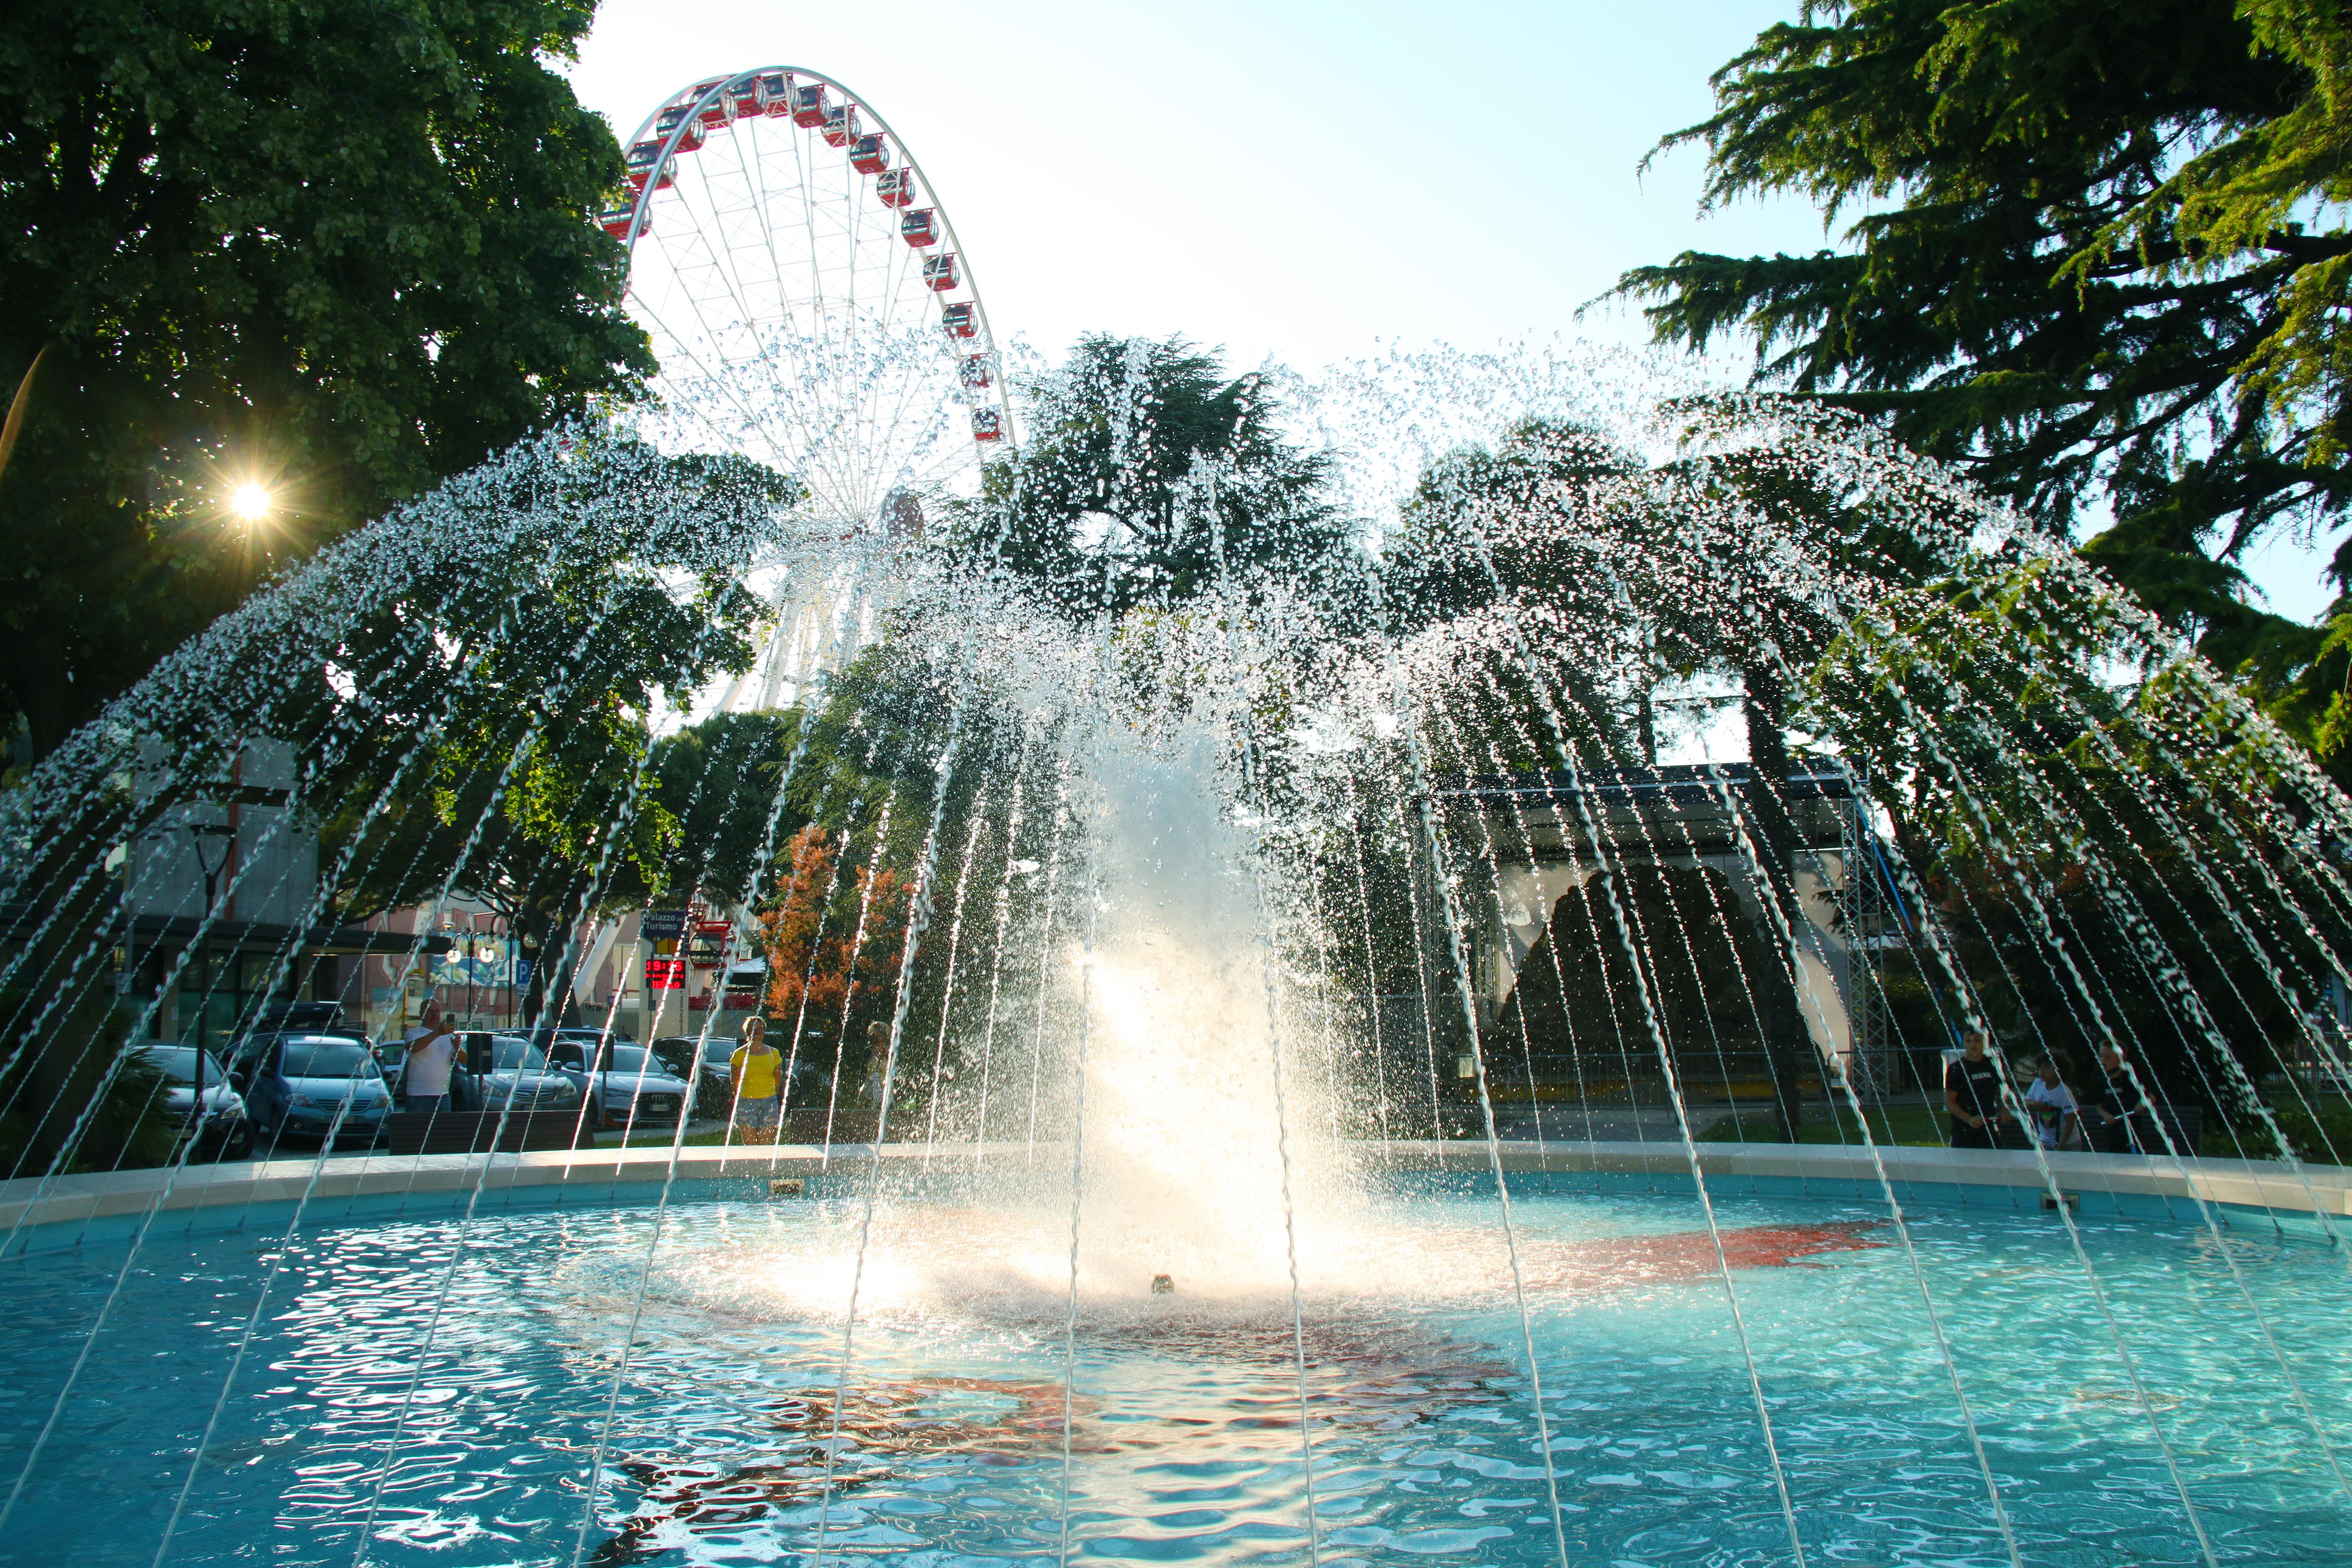 forme-dacqua_restauro-fontana-piazza-brescia-6